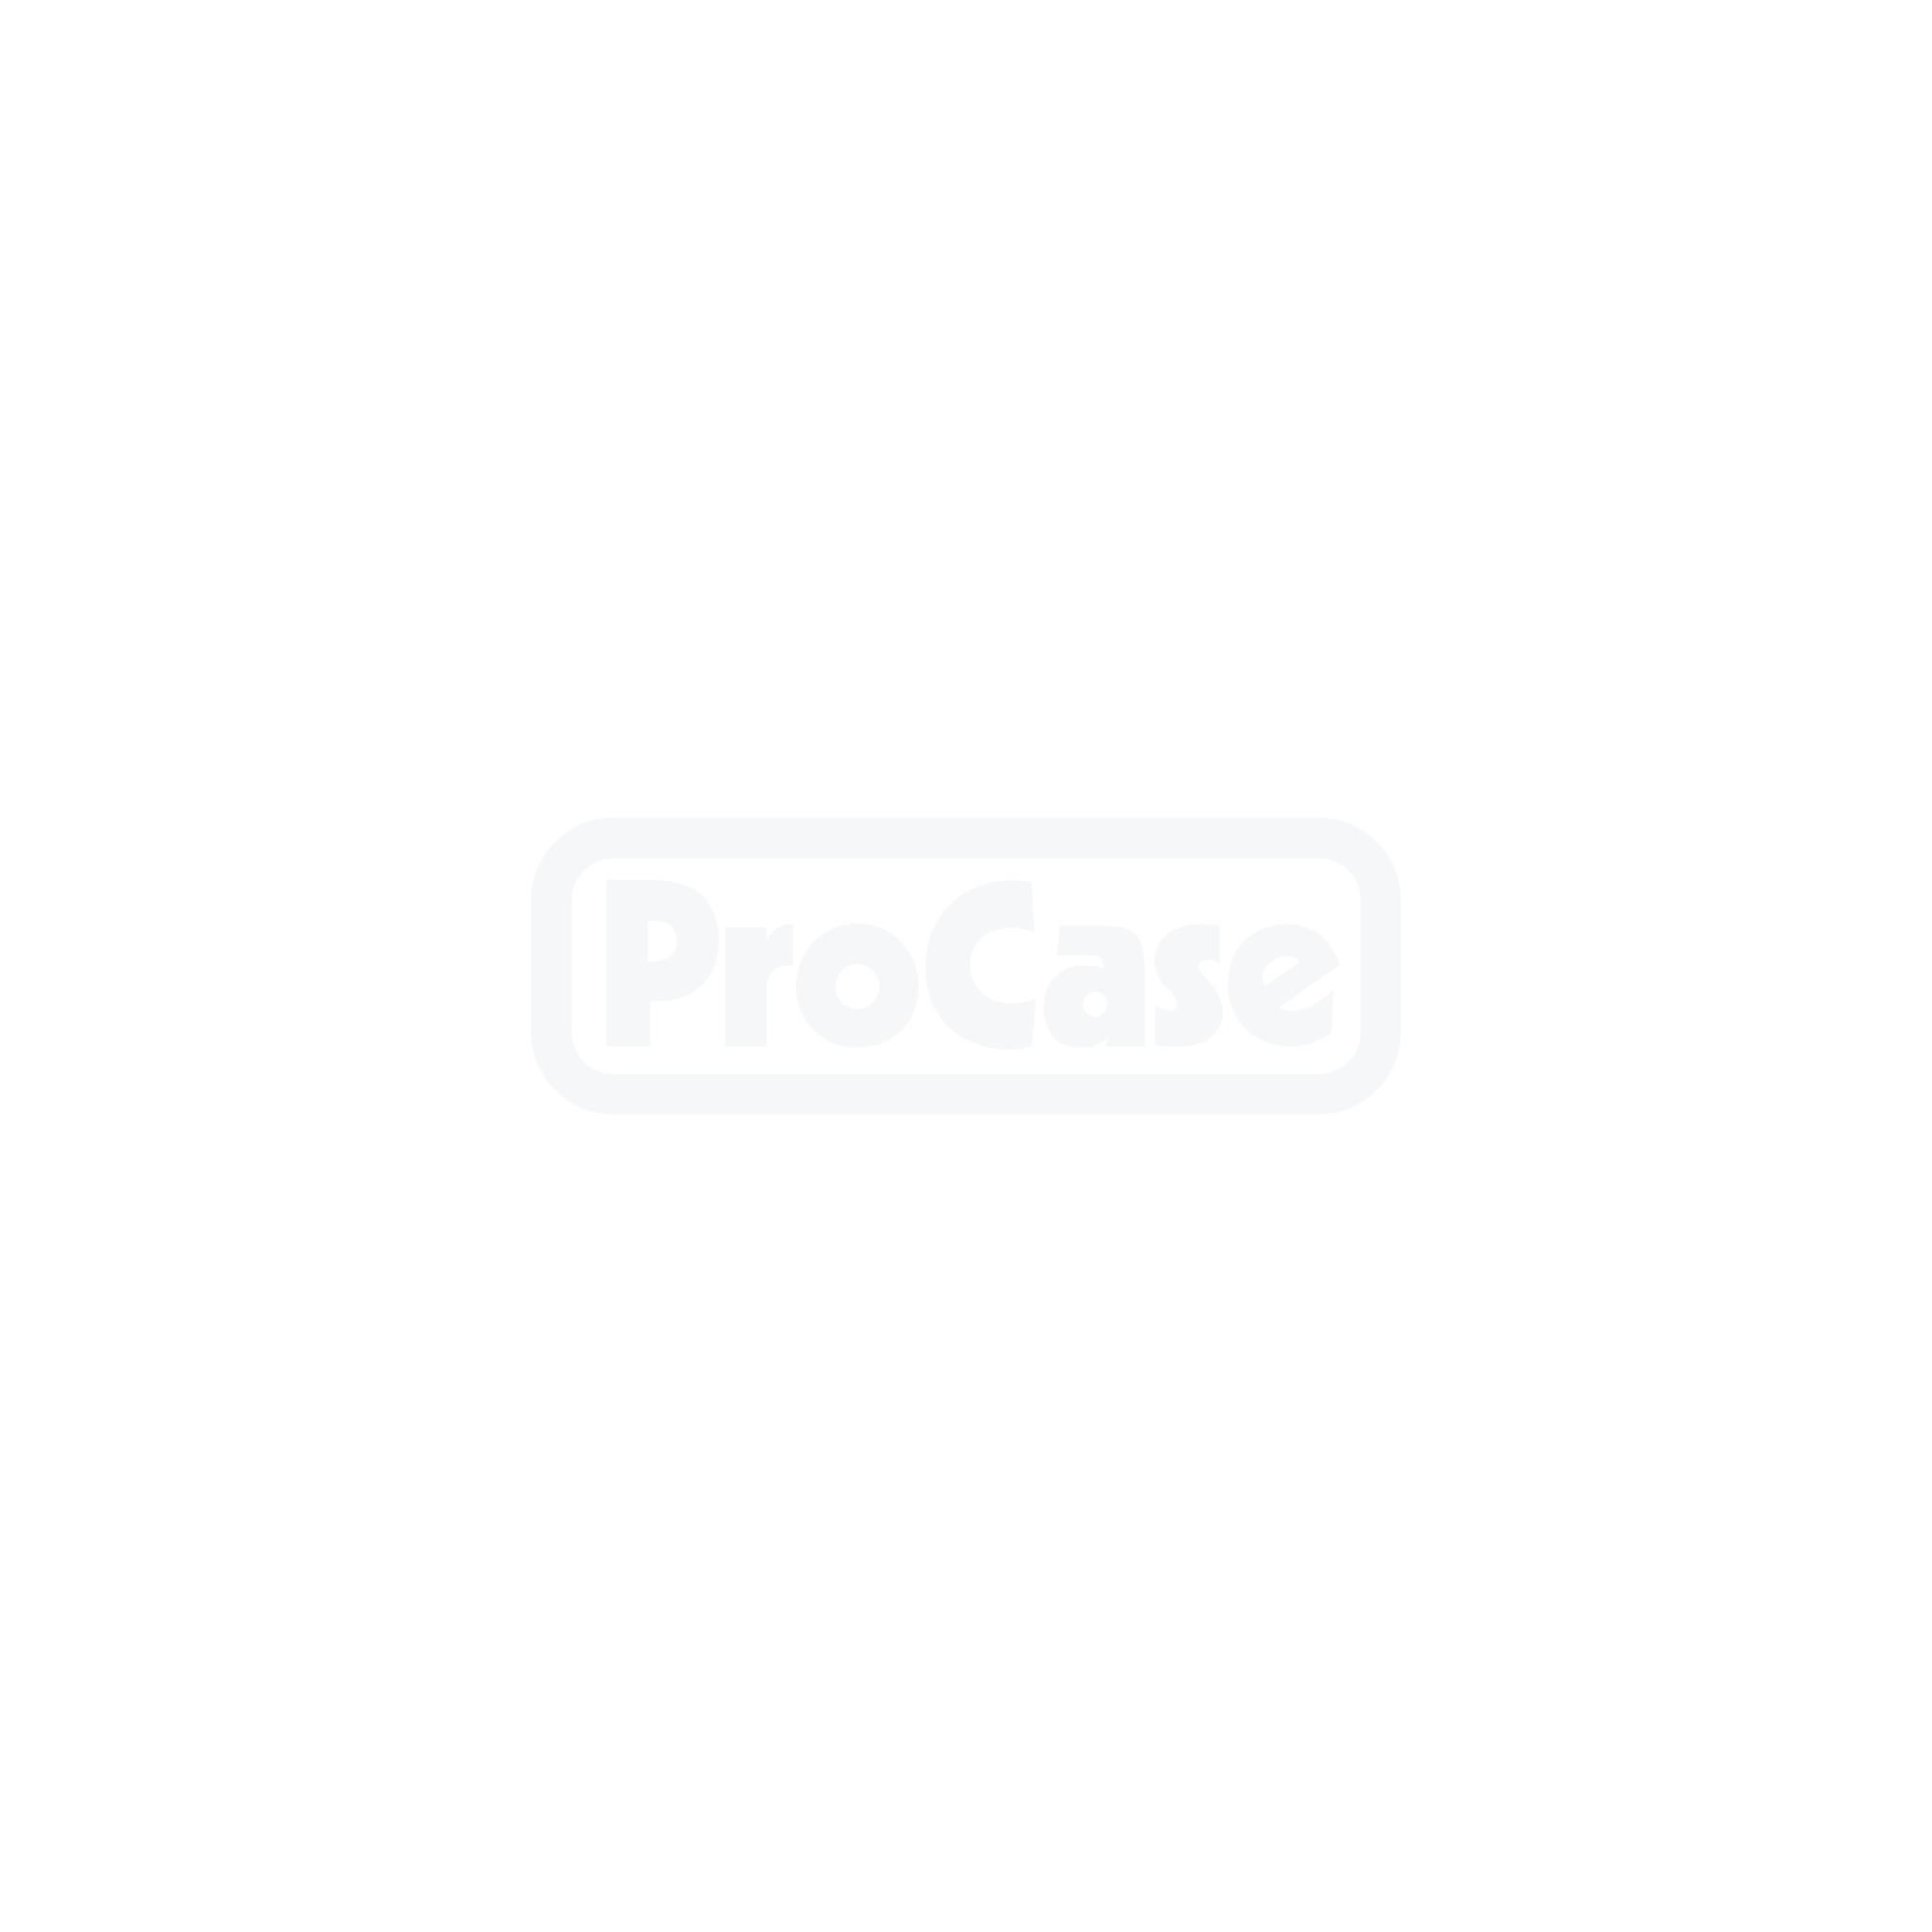 TFT Transportkoffer Doppel-FLEX Case mit Trolley XL